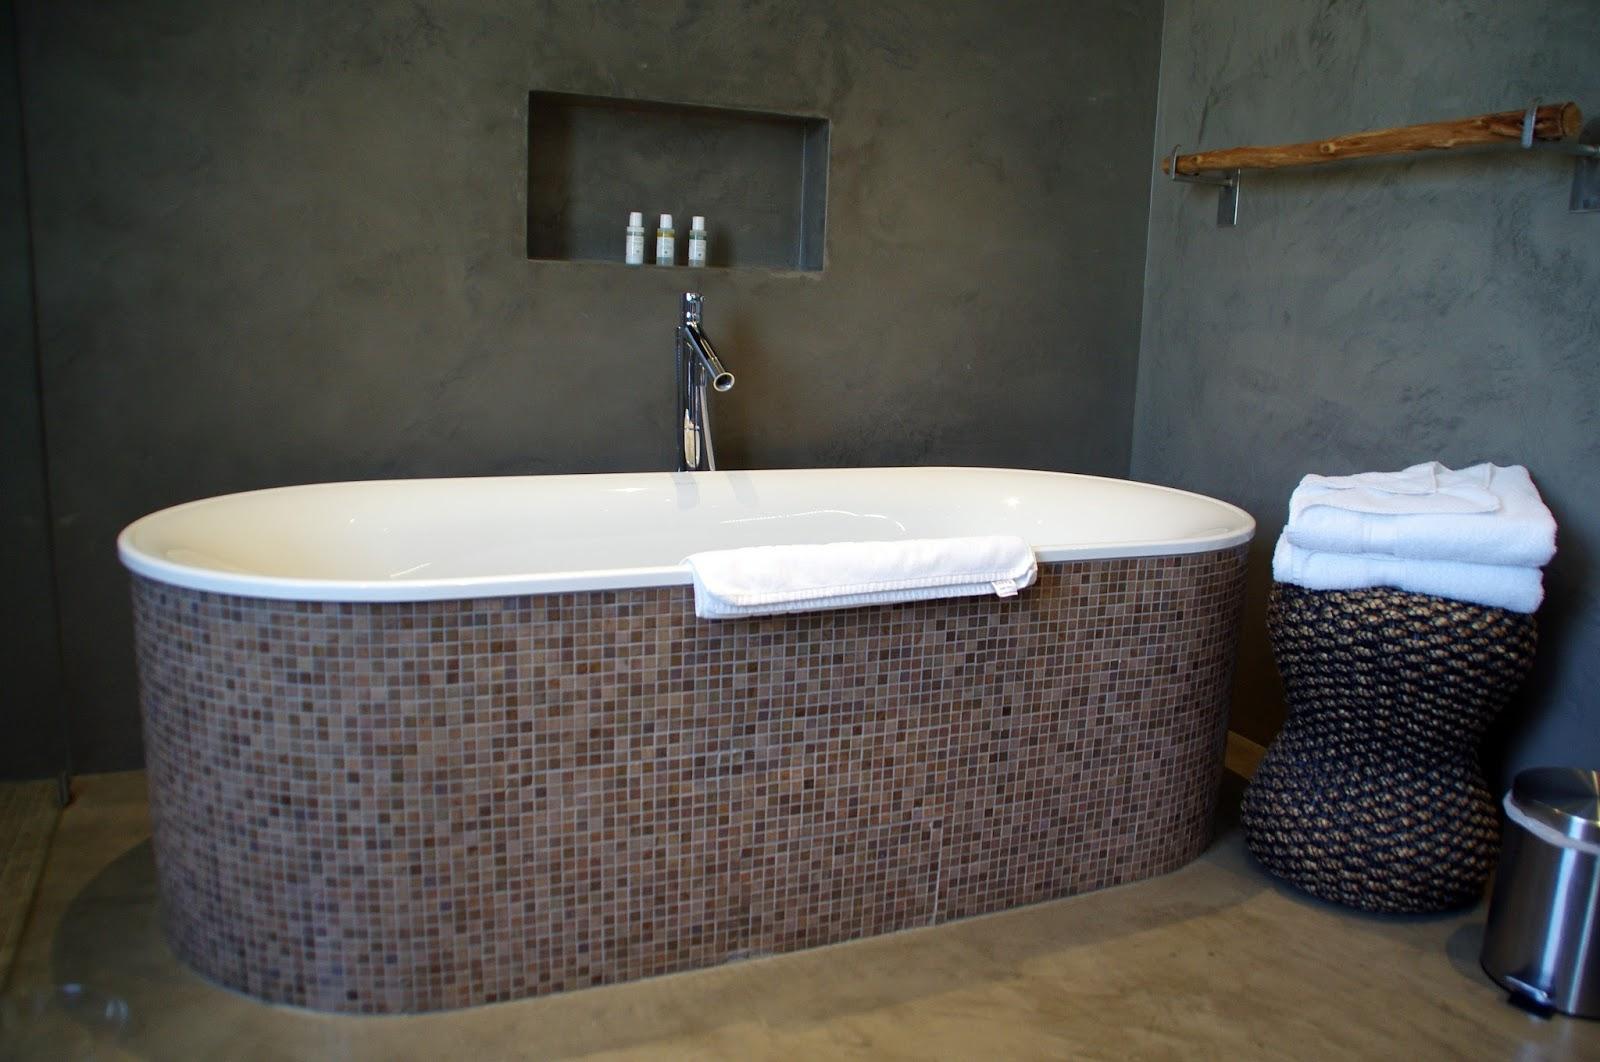 Fazenda Nova Country House Bathroom